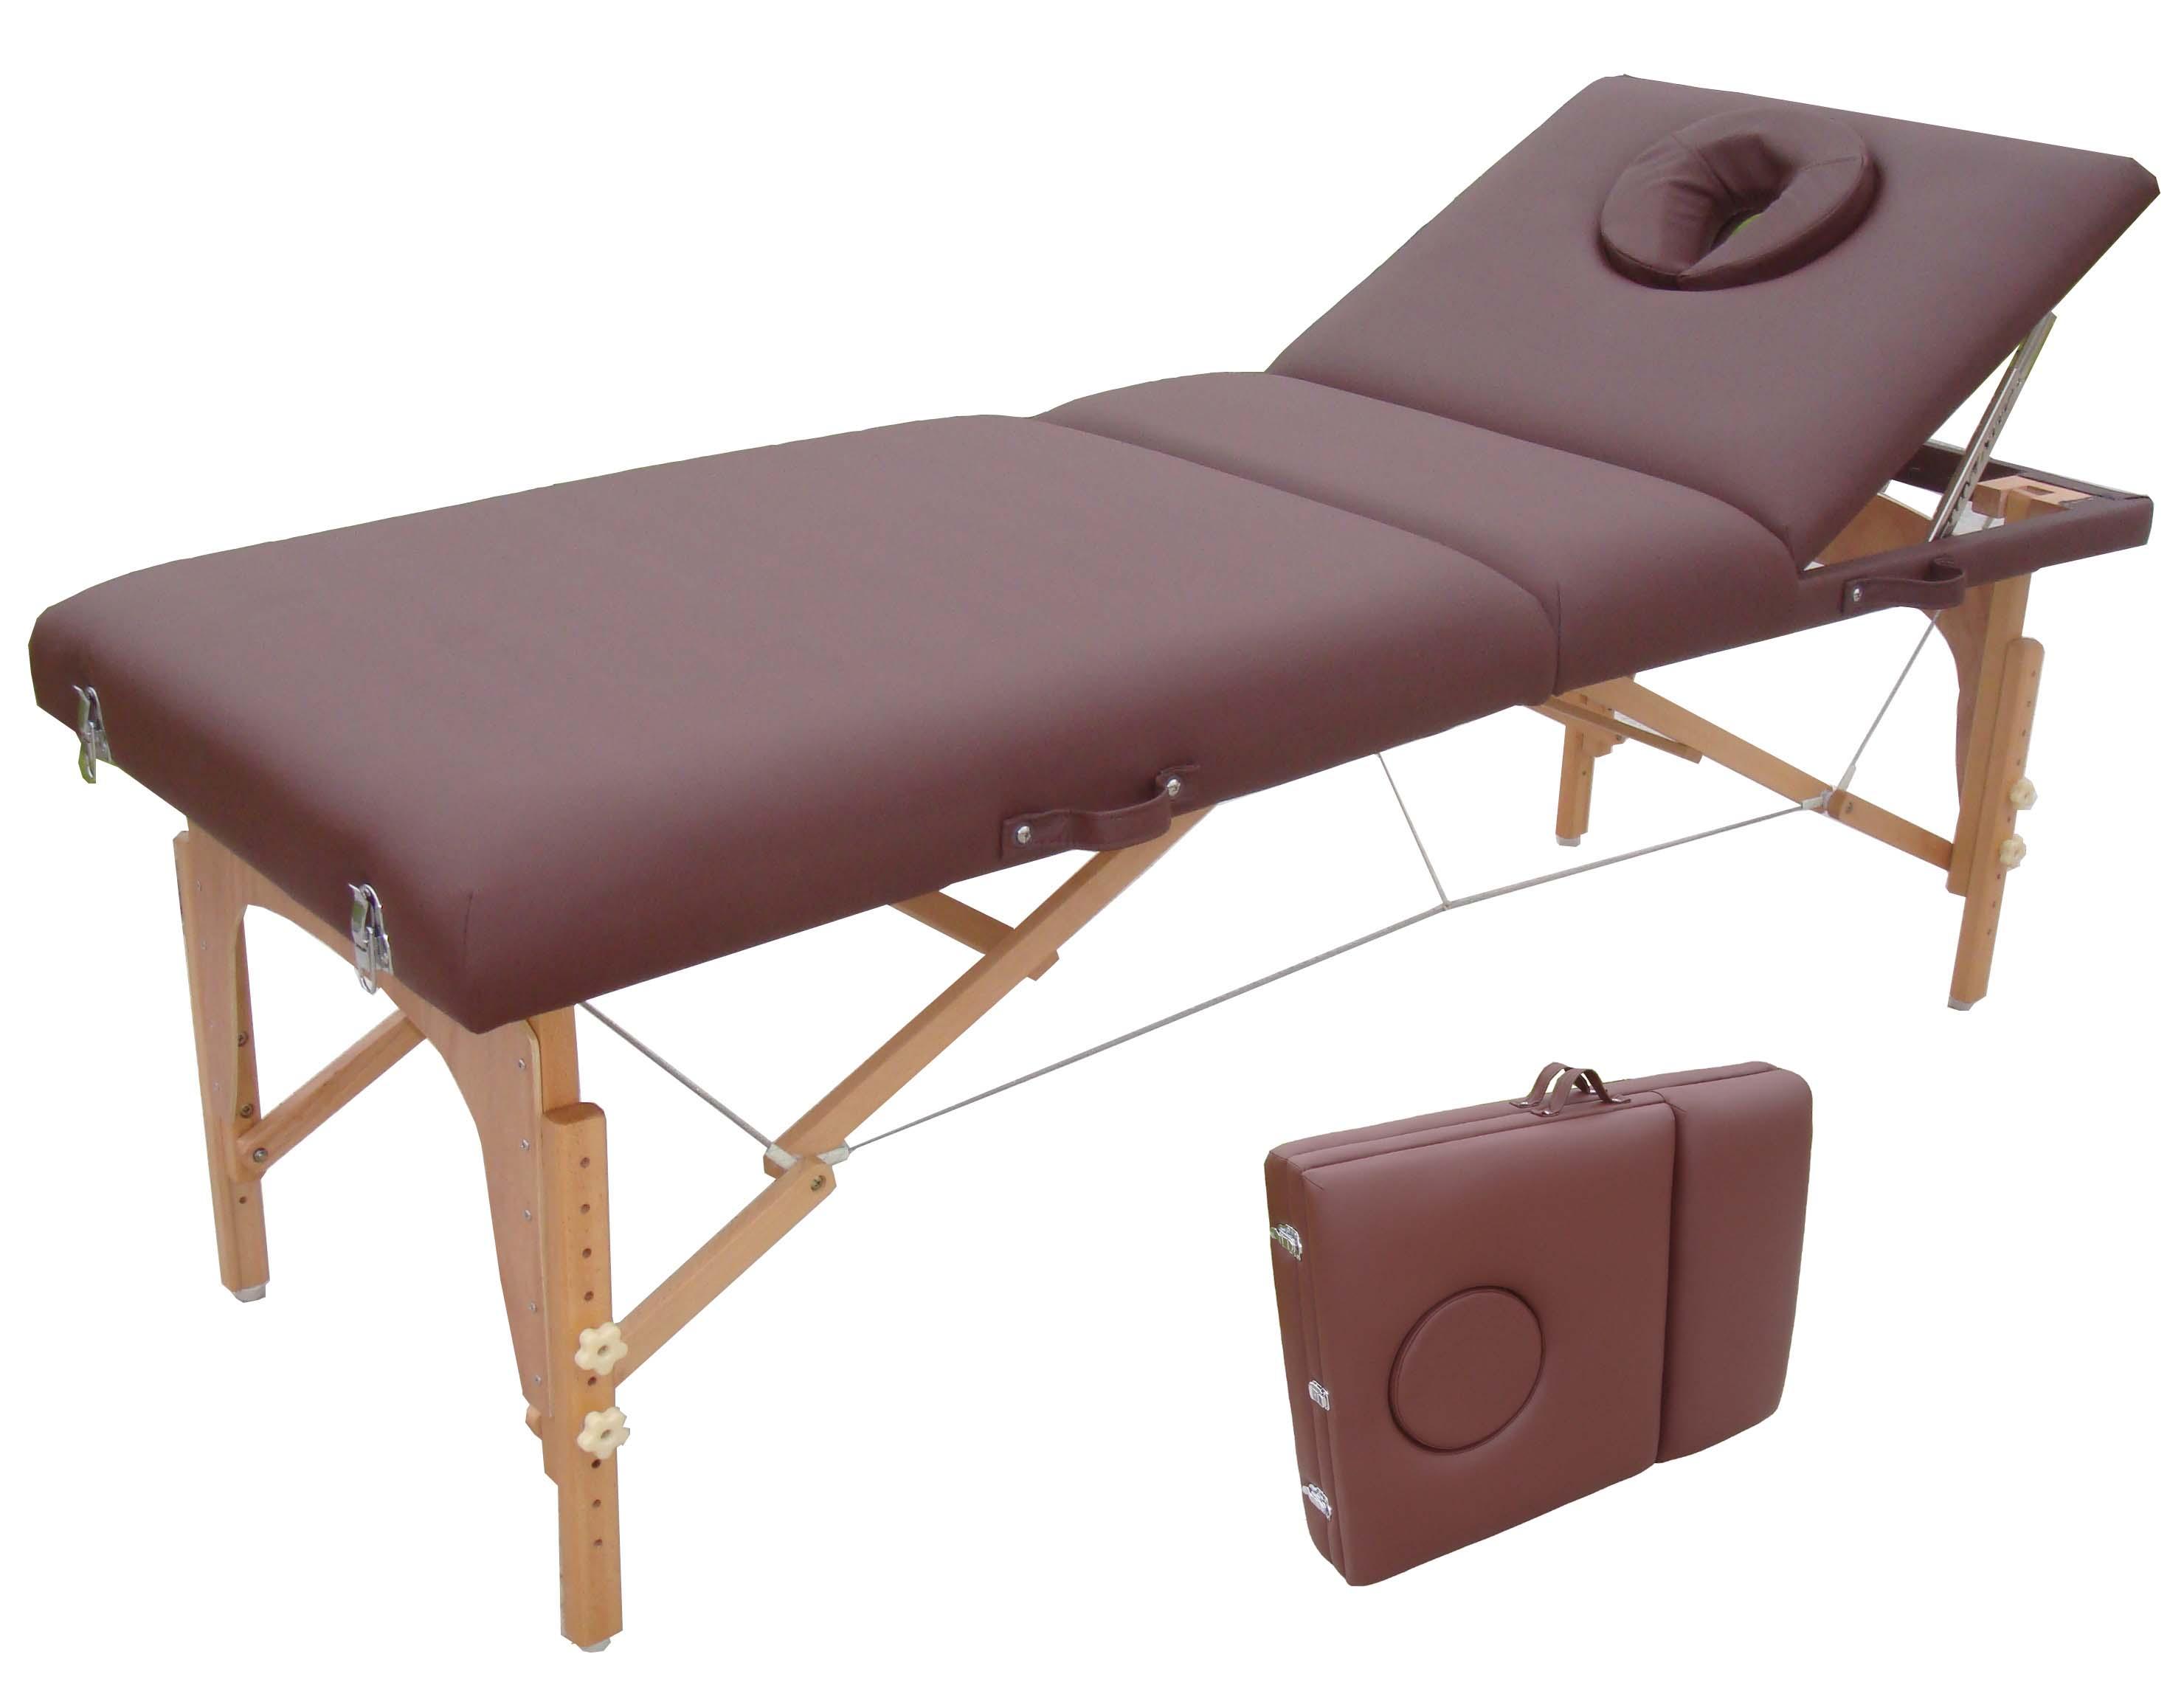 portable massage bed with adjustable backrest mt 009 2. Black Bedroom Furniture Sets. Home Design Ideas